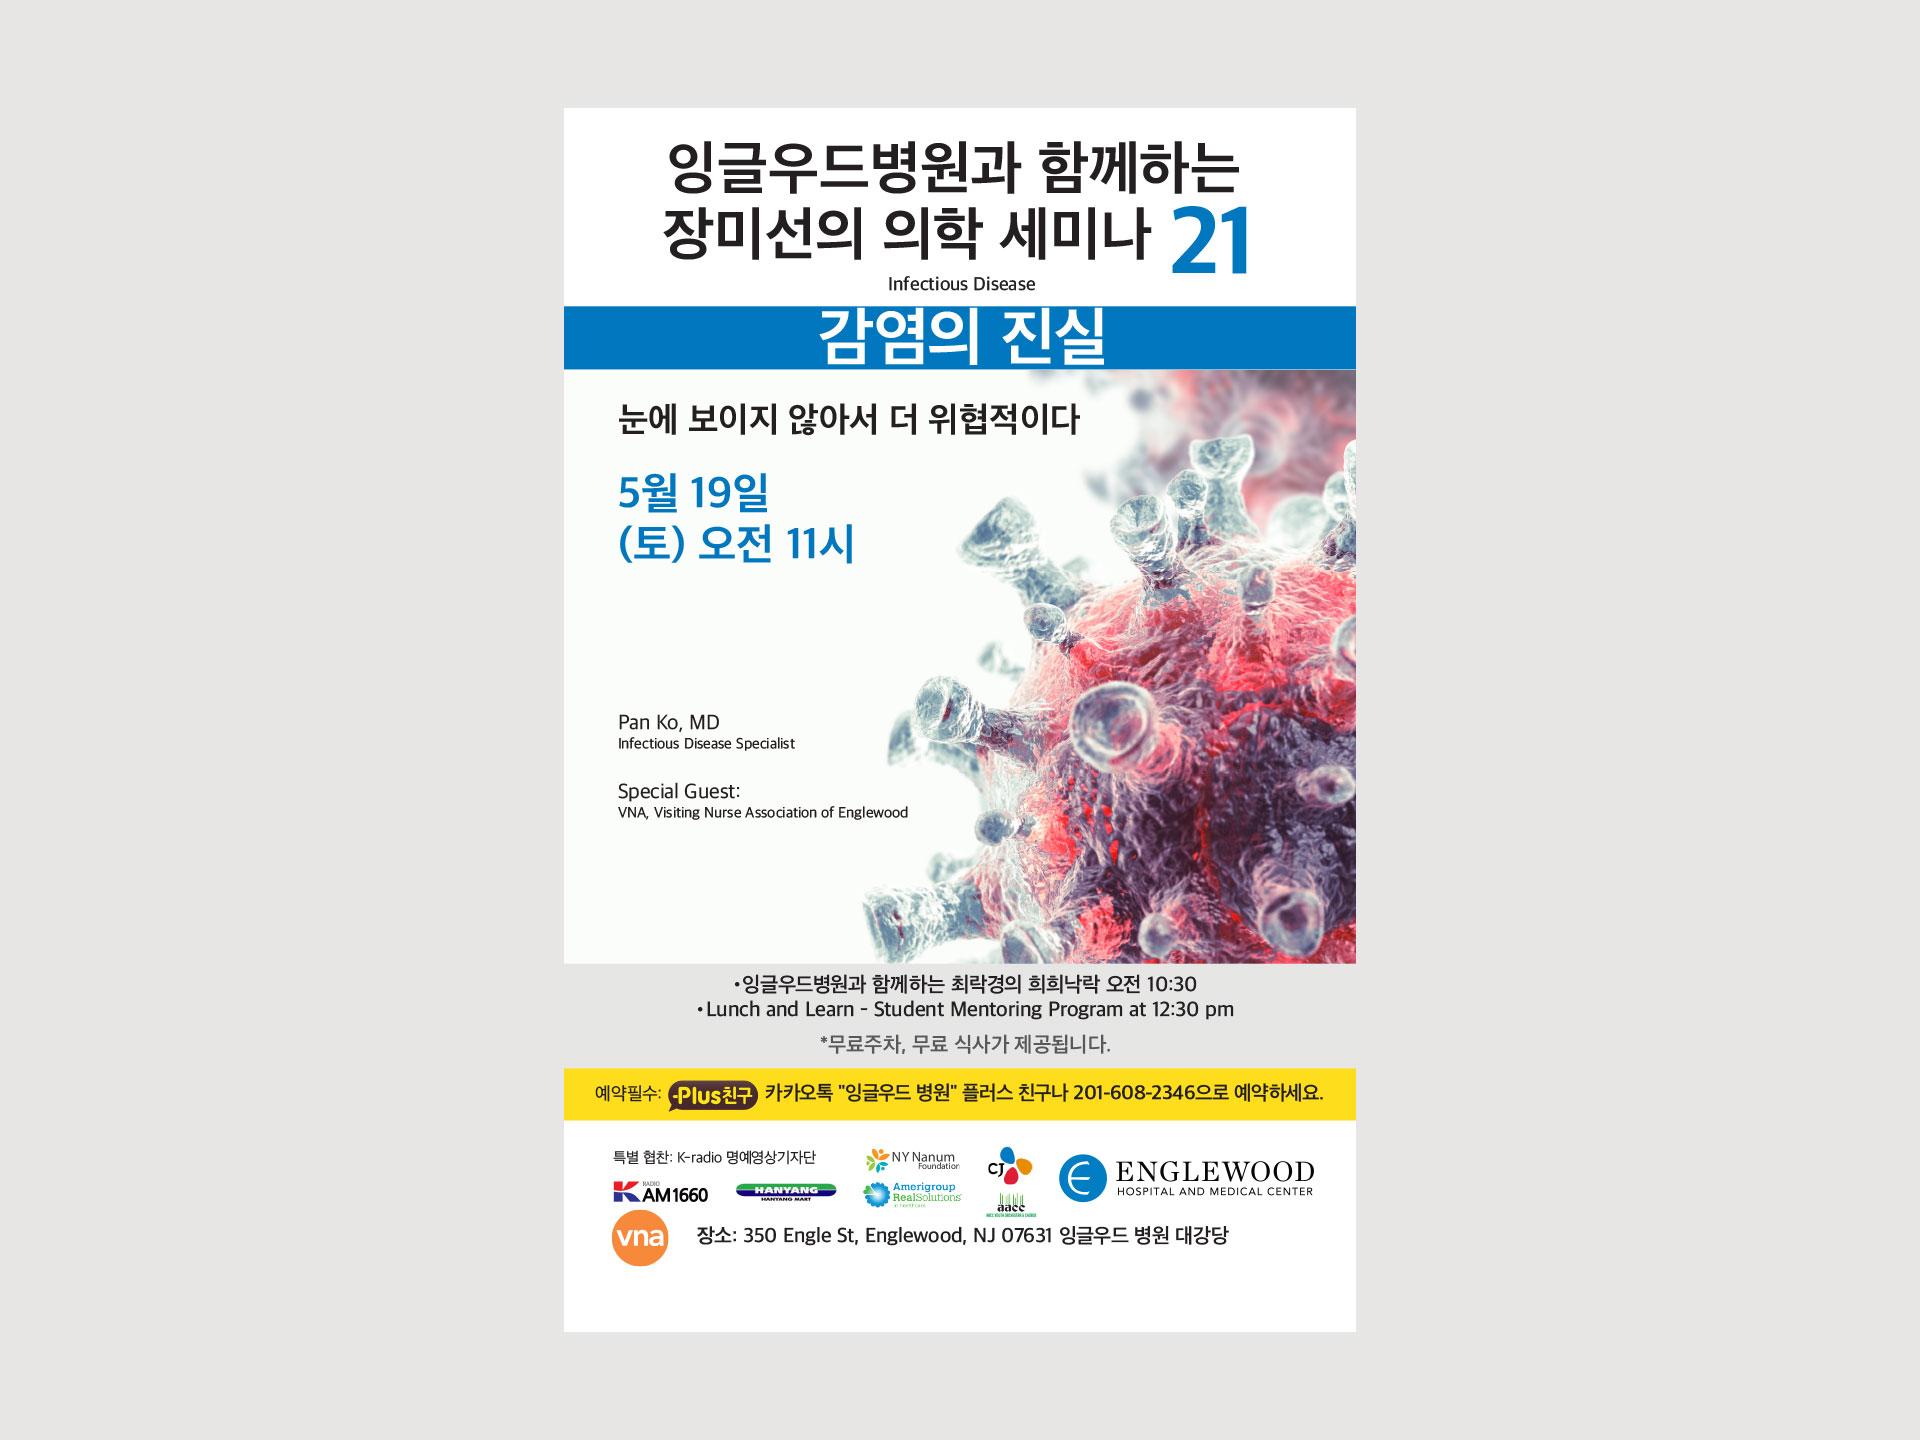 Korean Center event 21